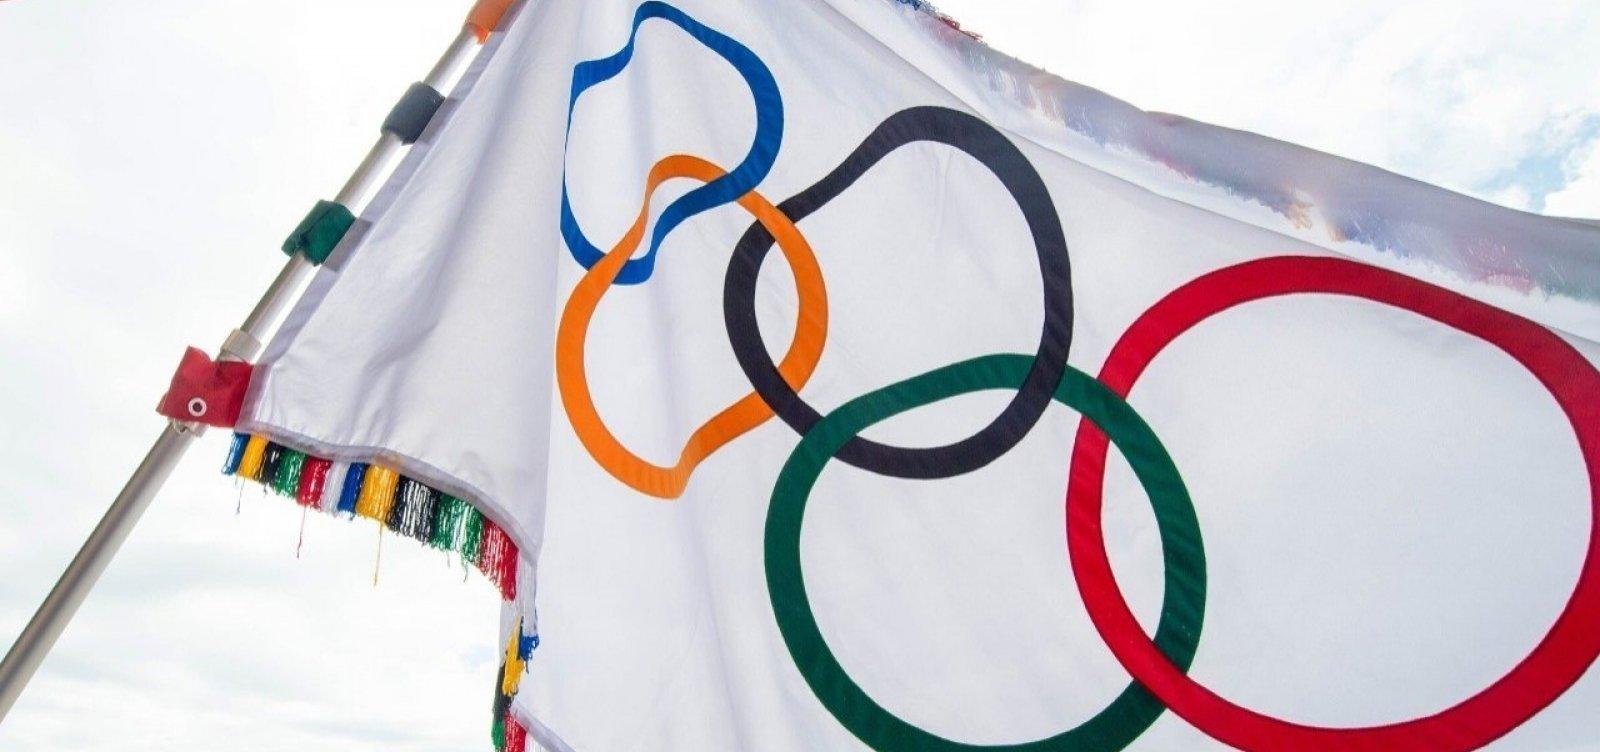 Olimpíadas de Tóquio: público será limitado a 10 mil torcedores por evento